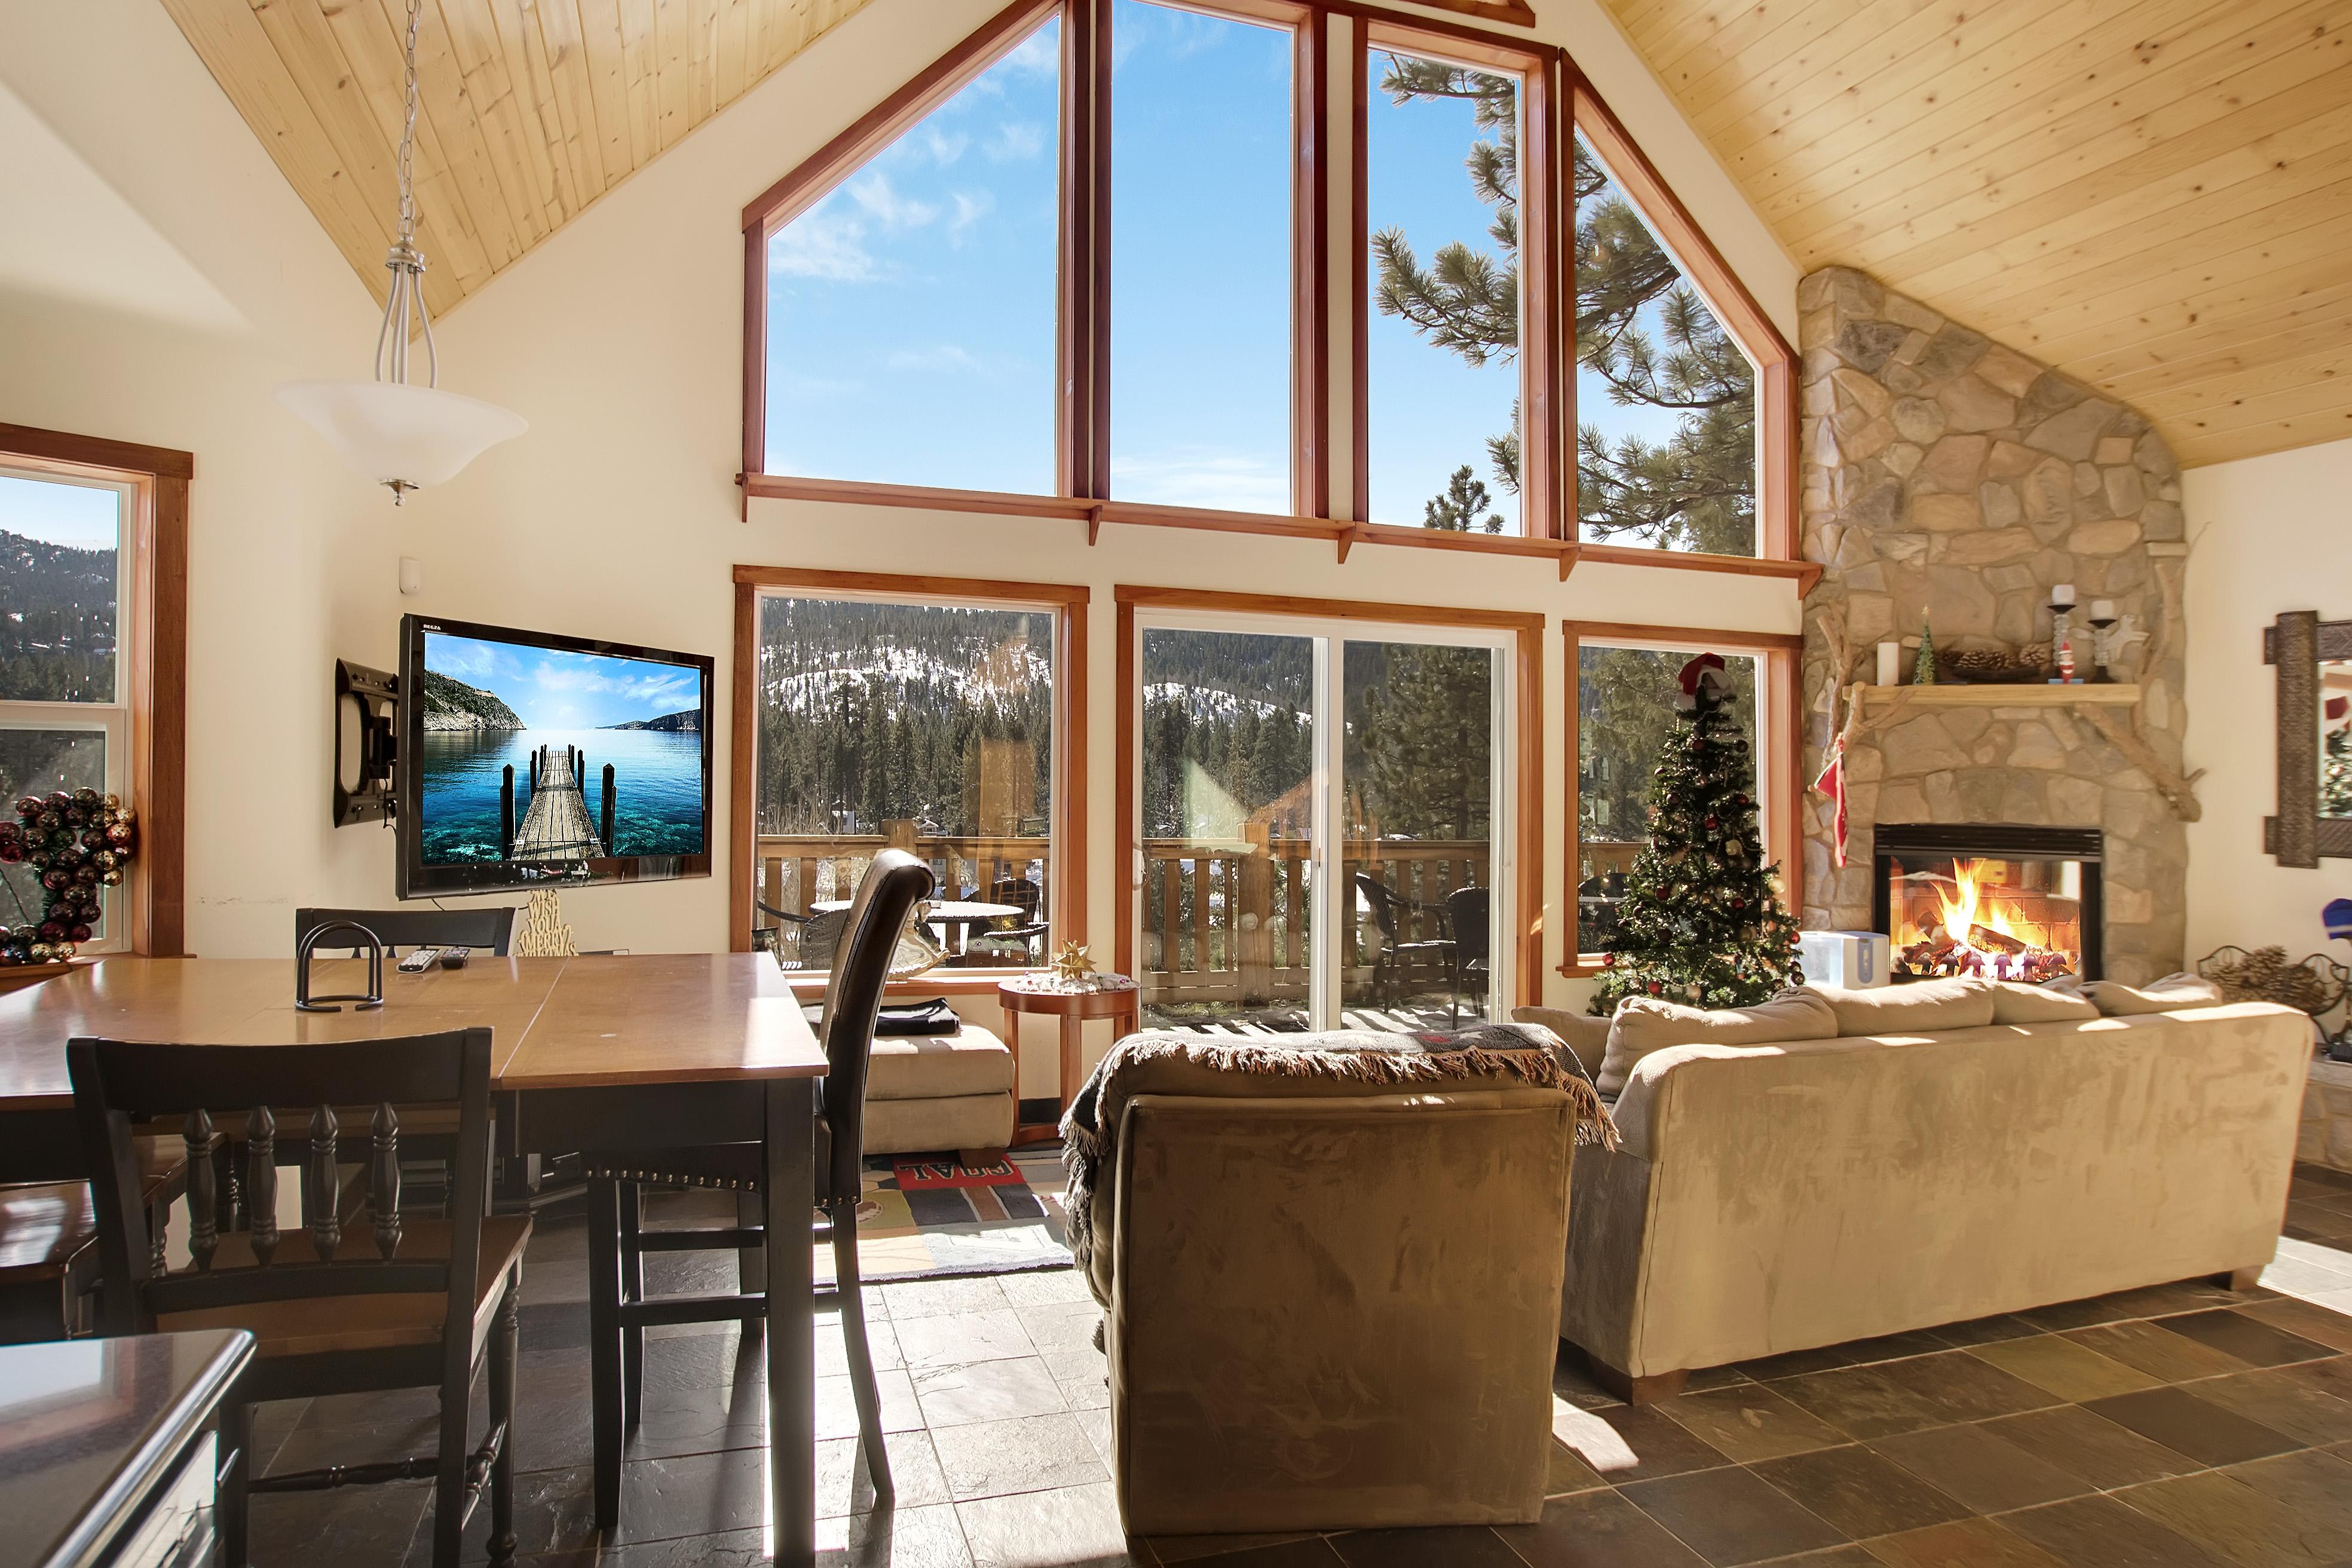 Big Bear Lake CA Vacation Rental A sun-soaked open